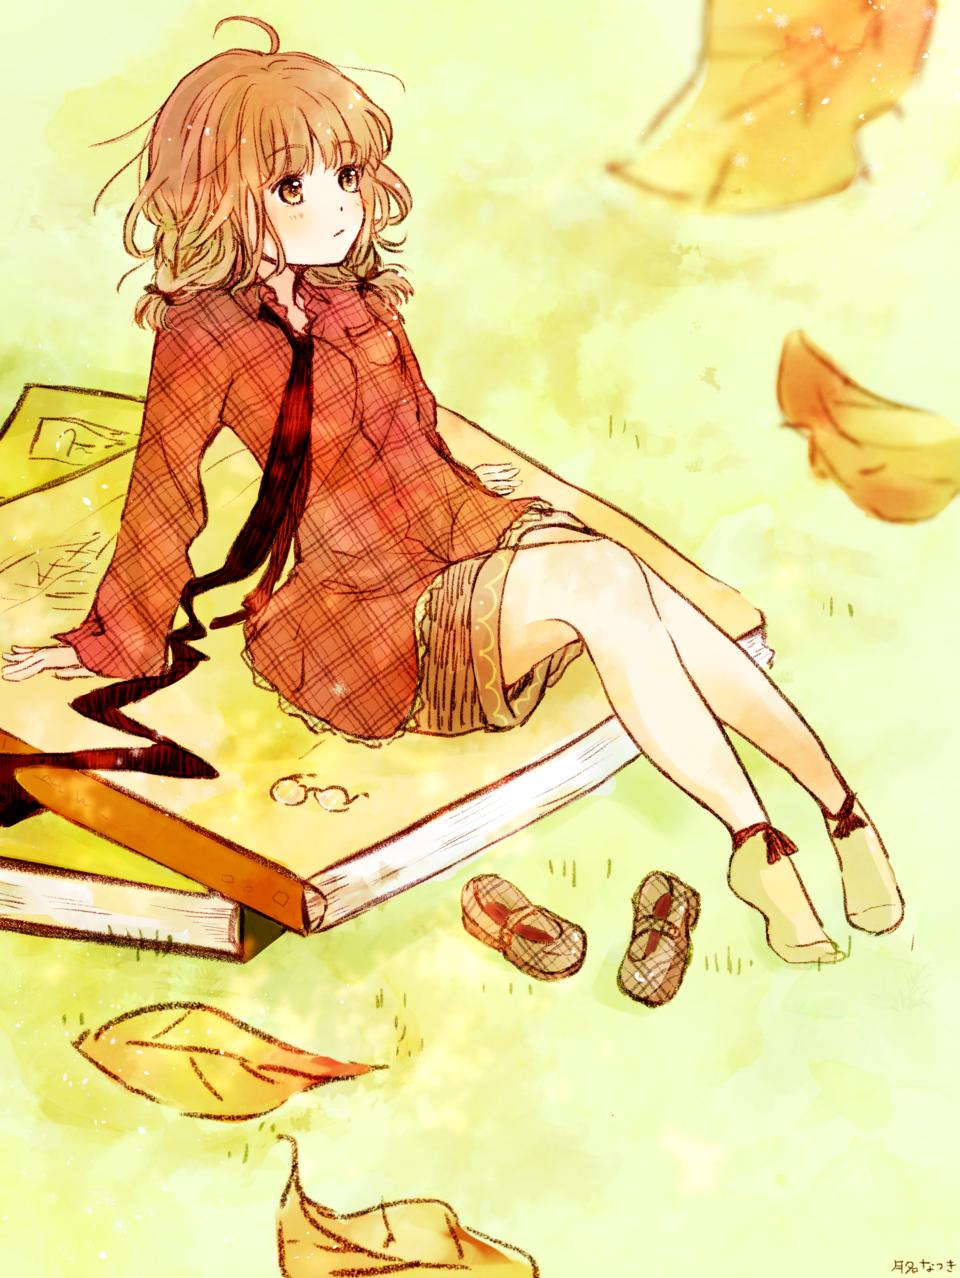 秋は読書の季節 Illust of 月名なつき Sep.2019Contest original 本 読書 autumn girl 落ち葉 小人